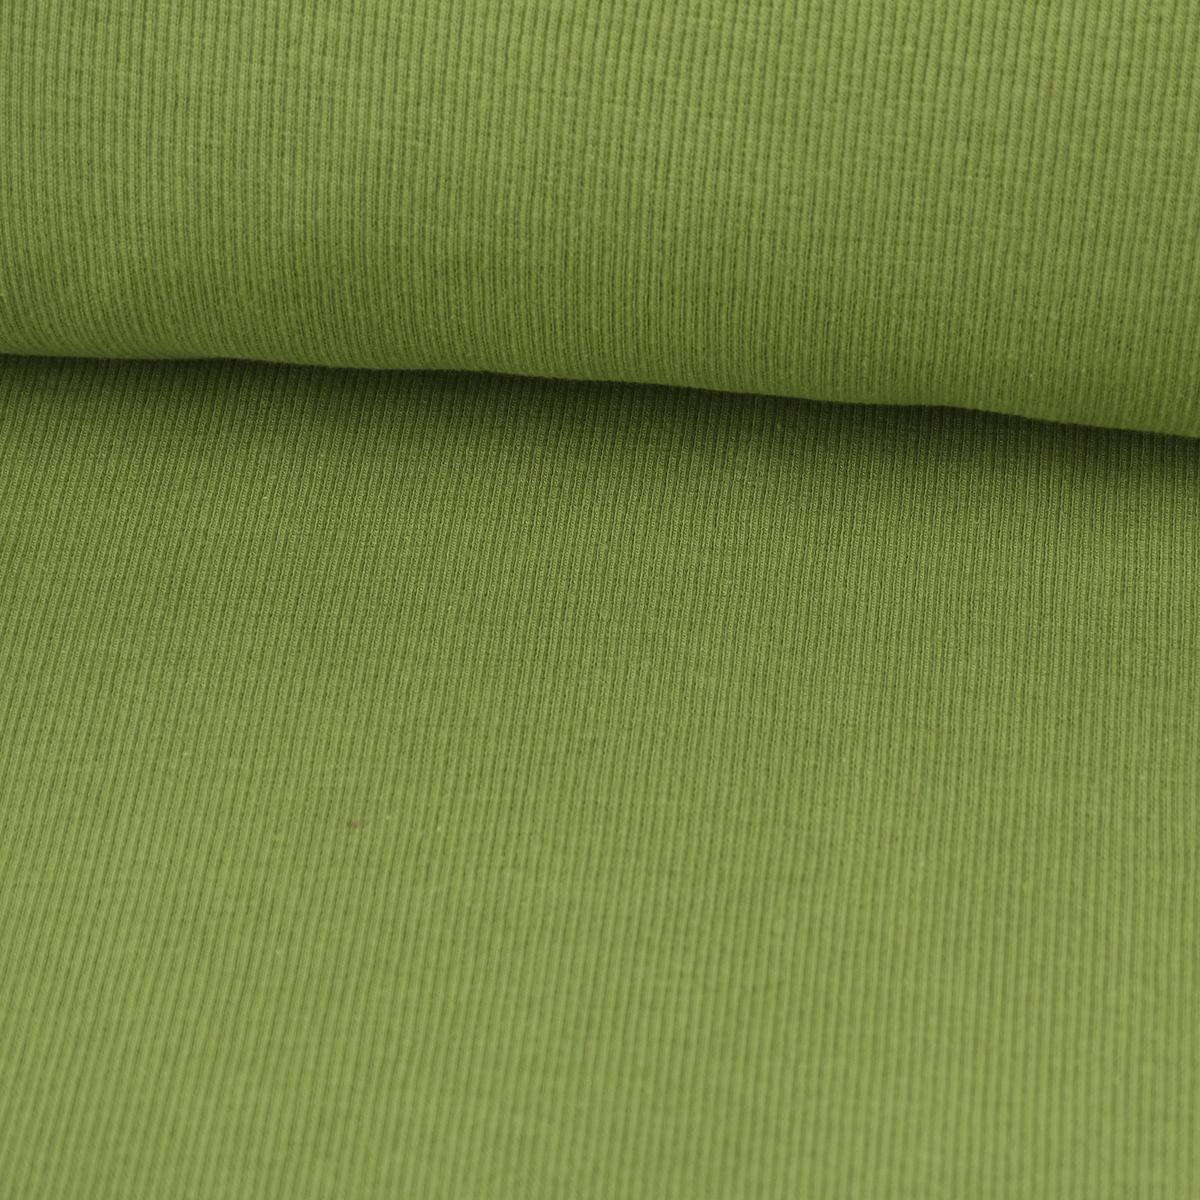 Strickschlauch Bündchenstoff grob apfelgrün 30cm Breite